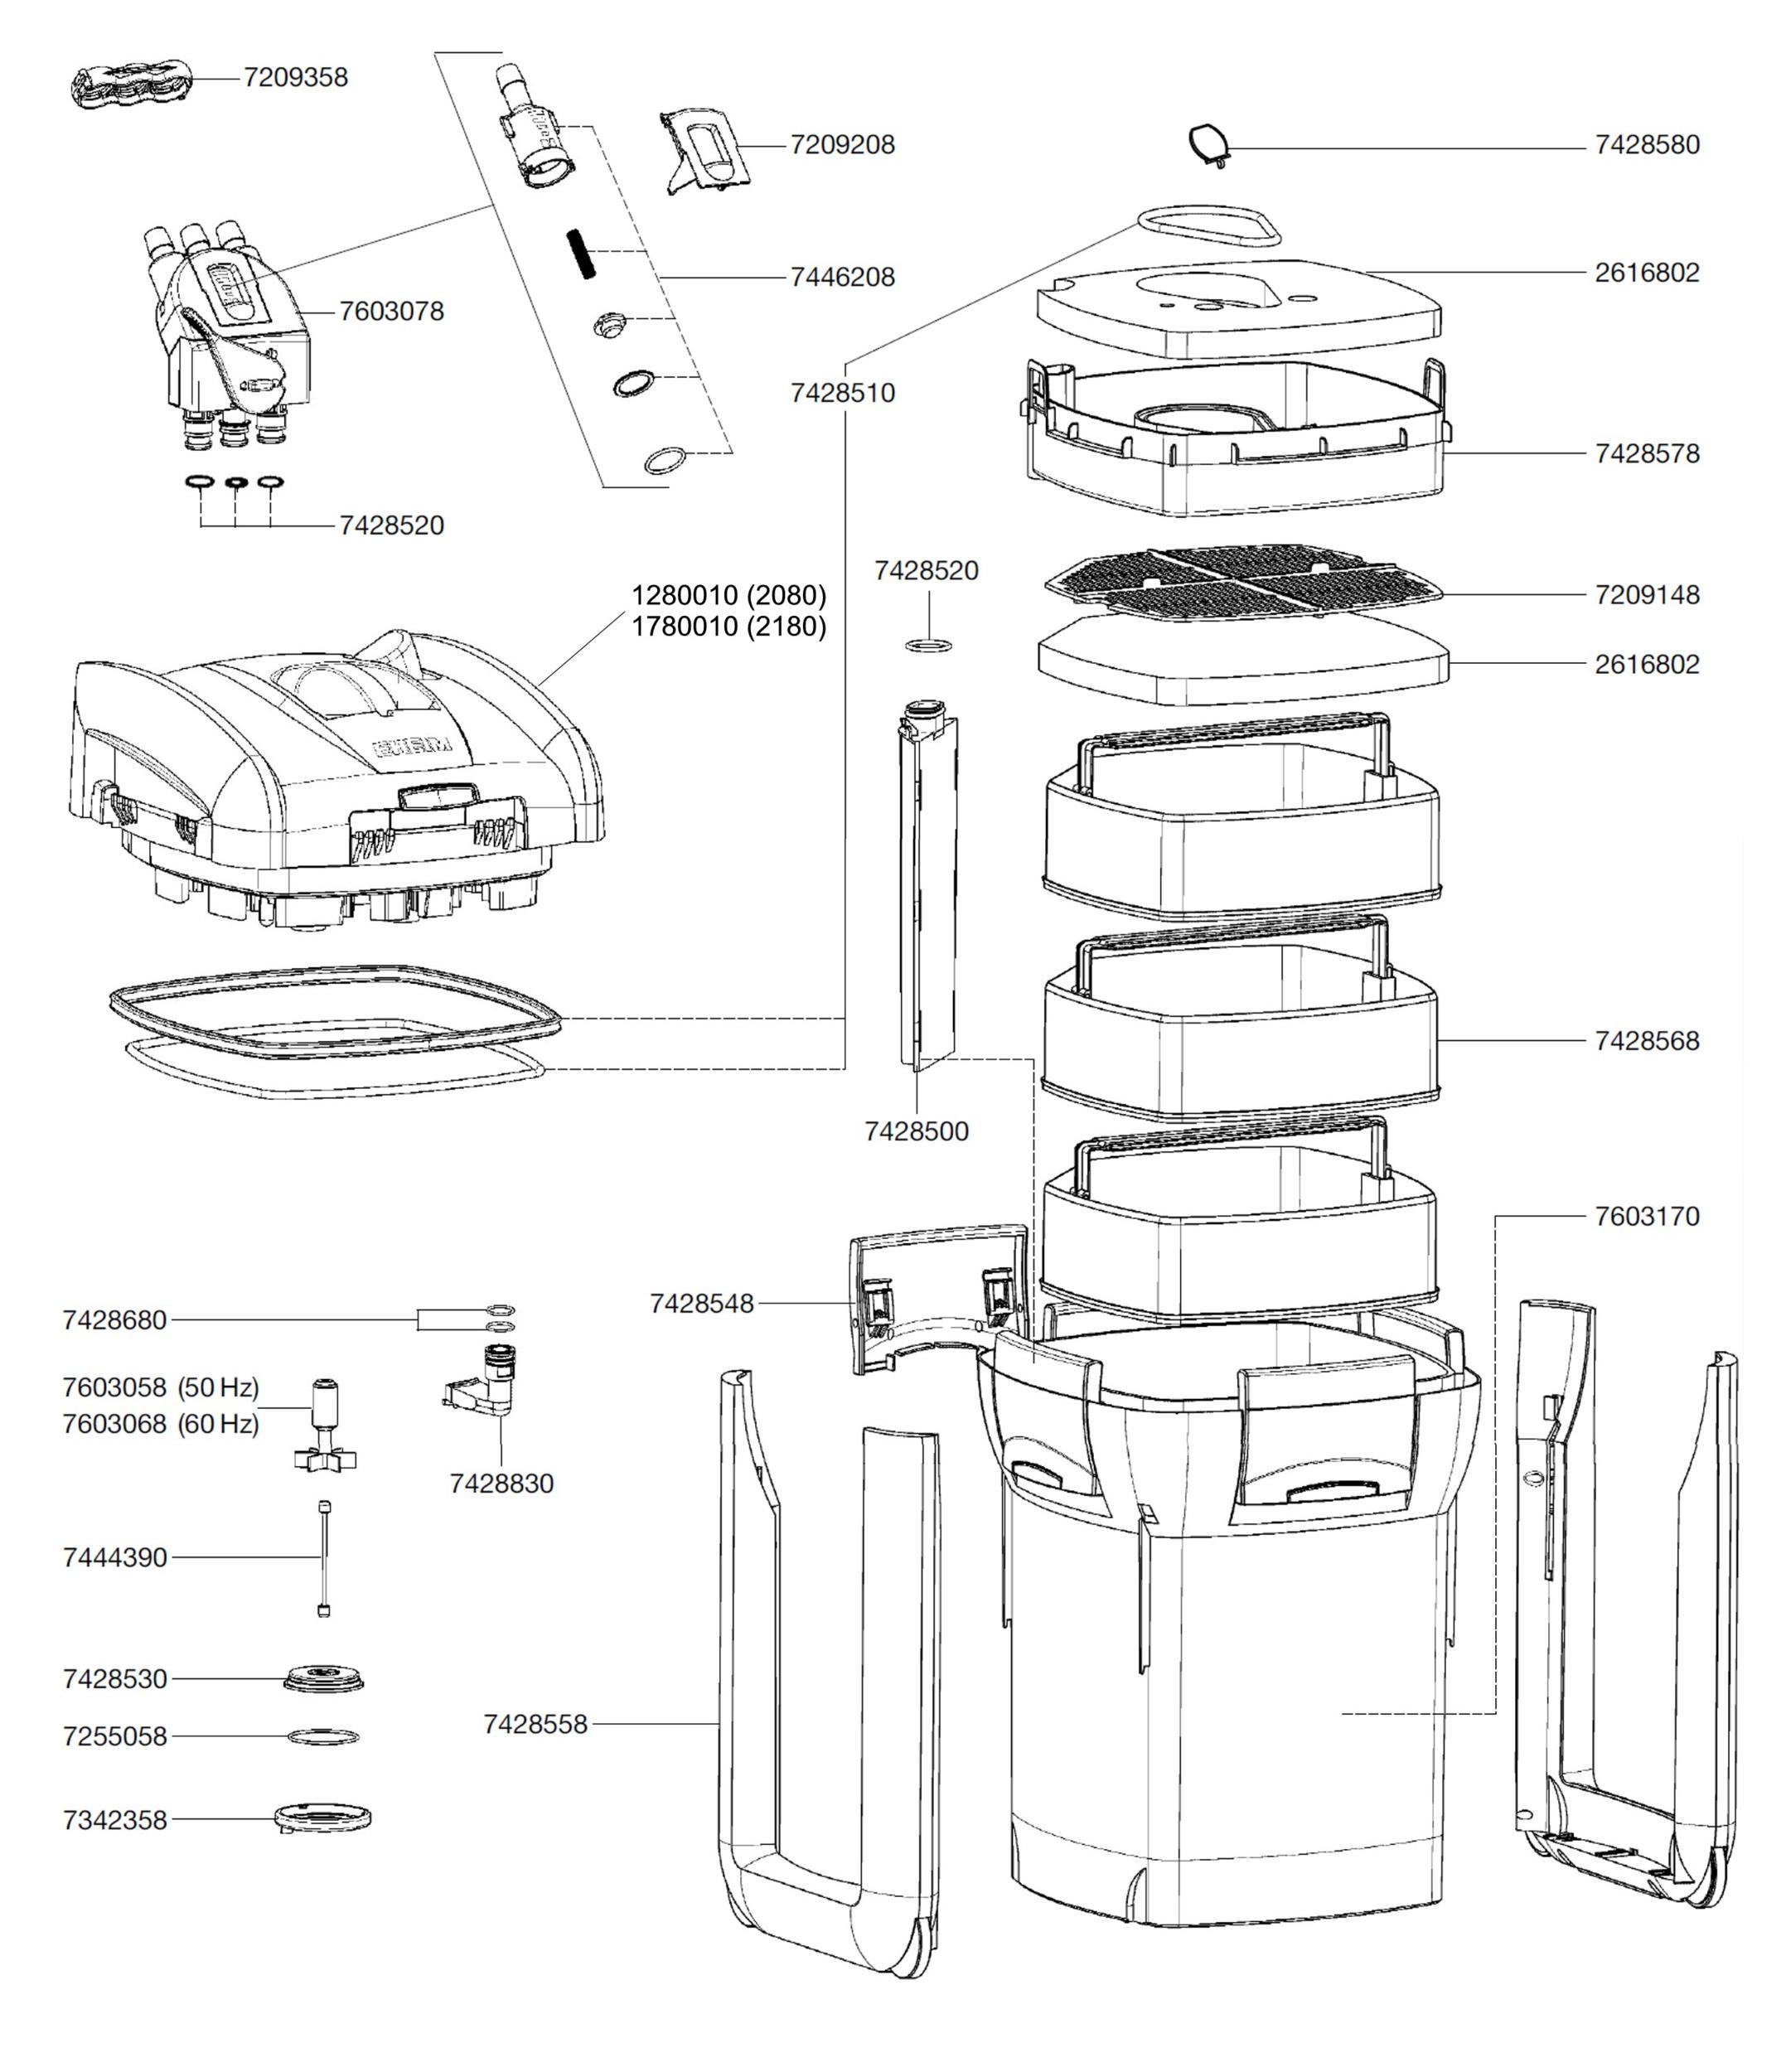 COUDE 2080 Pieces-detachees-eheim-2080-2180